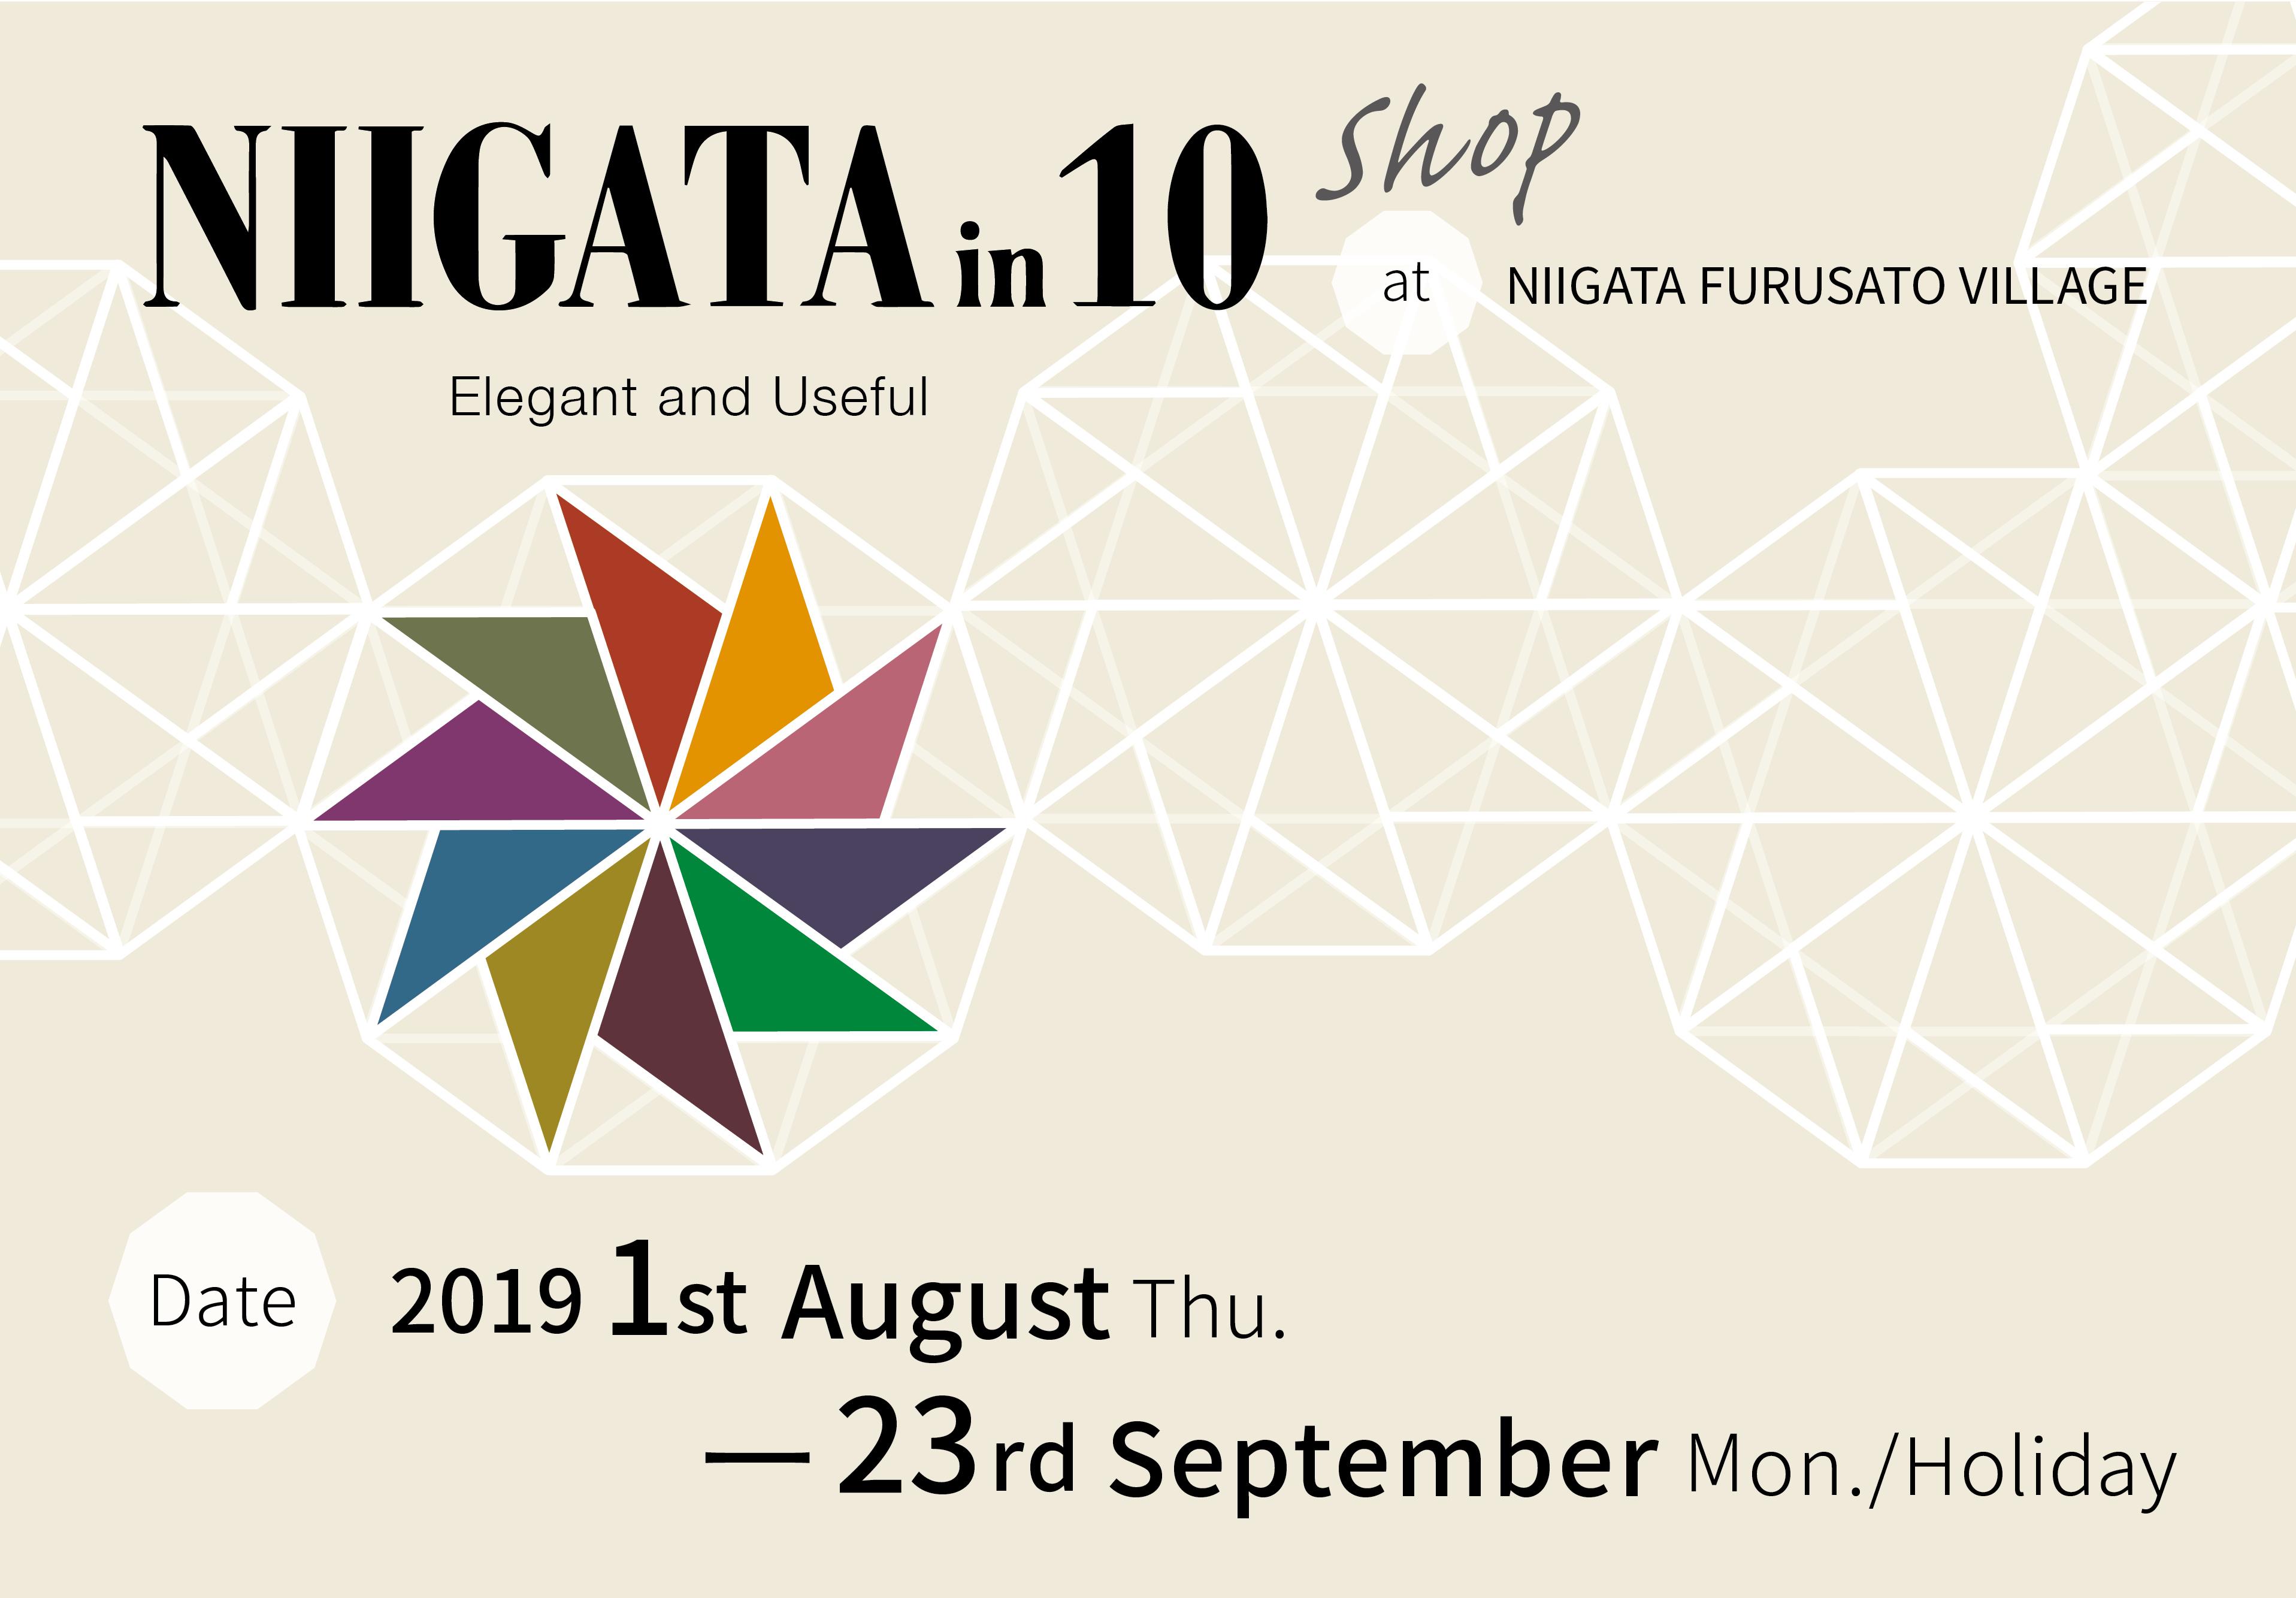 NIIGATA in 10 at ふるさと村 ENG